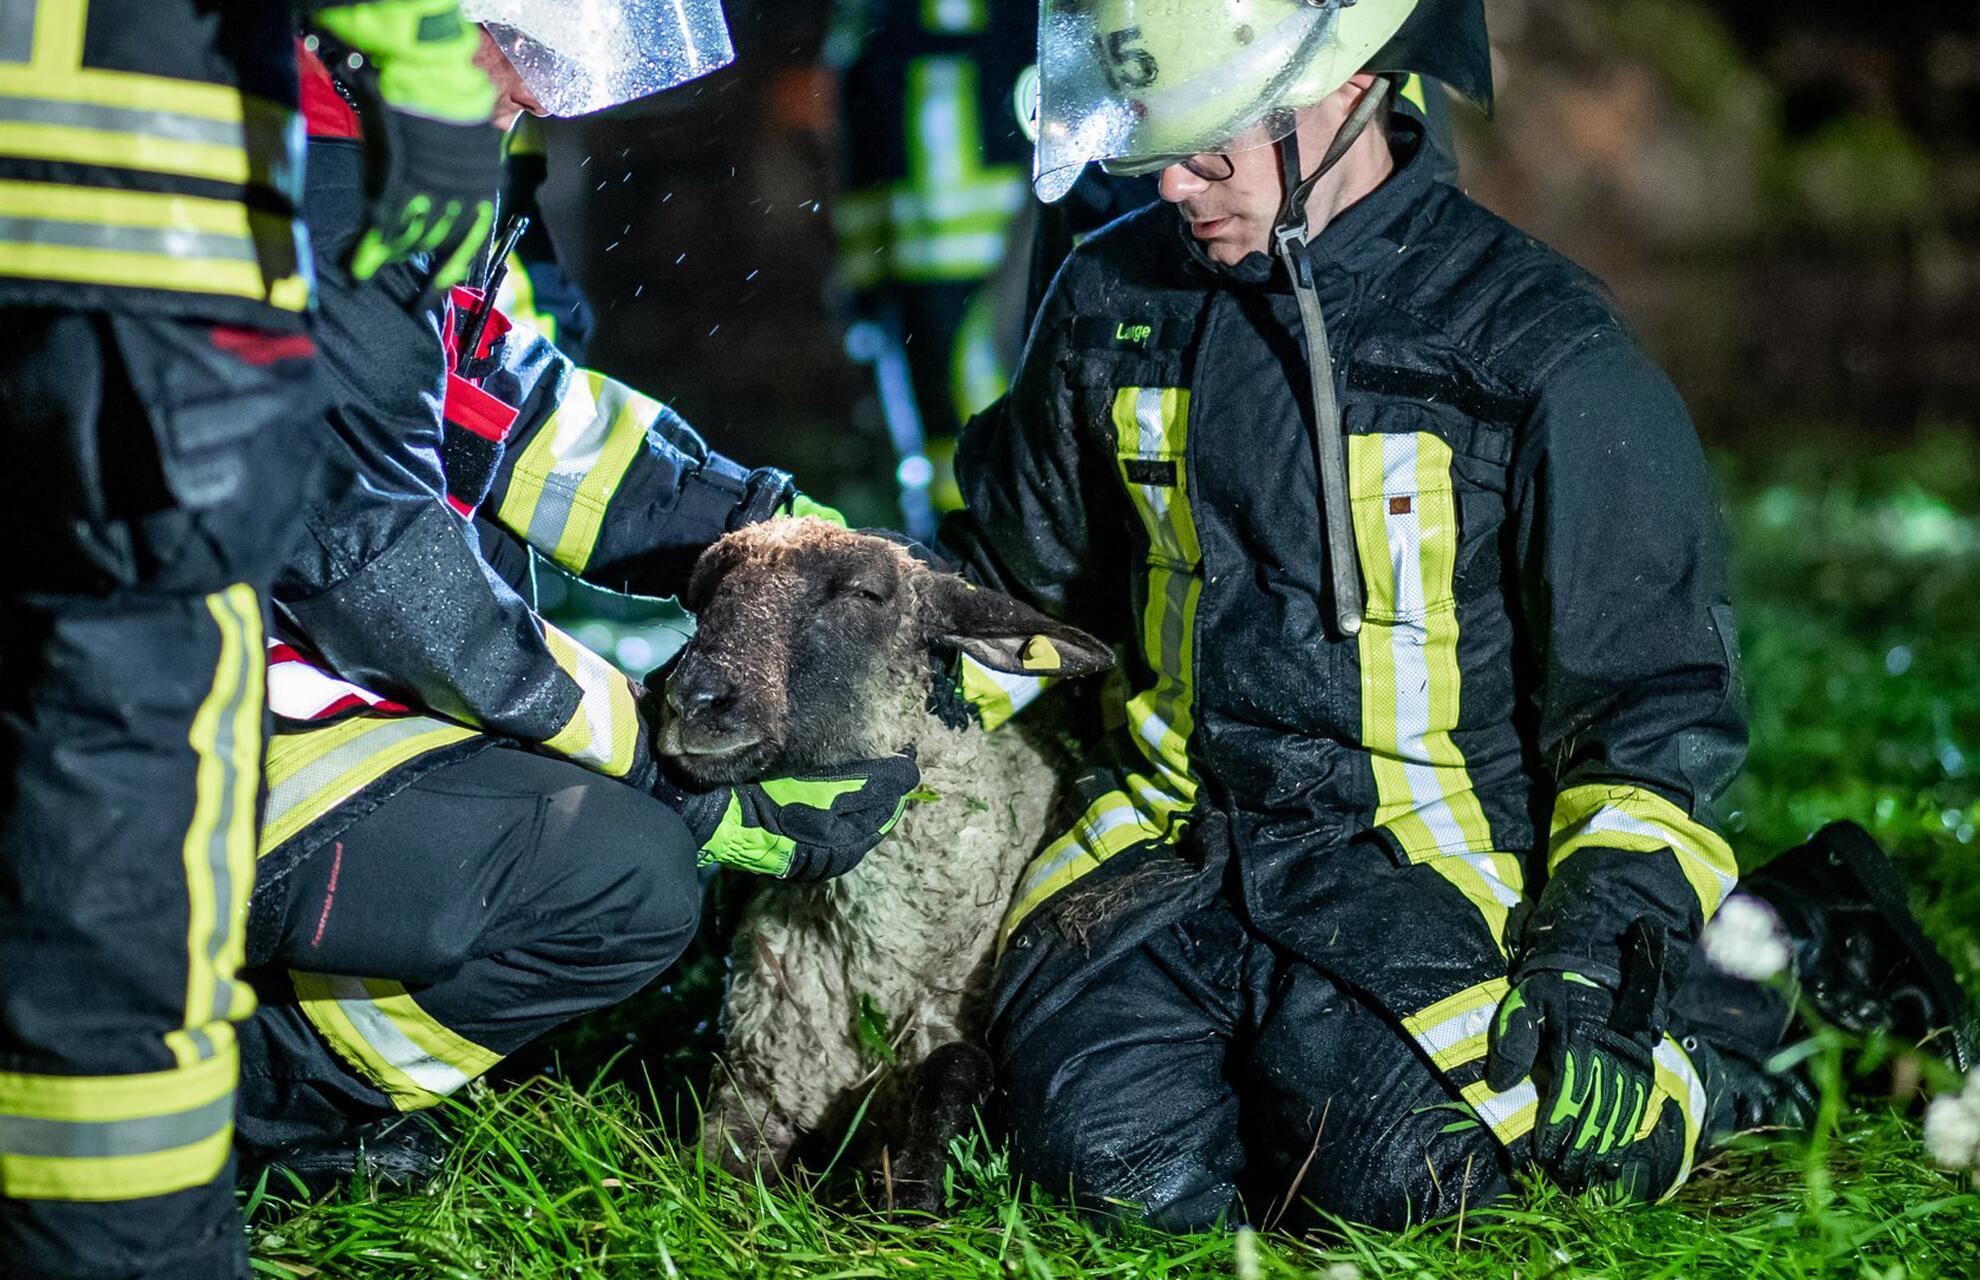 Bild zu Regen flutet Weide mit 300 Schafen - Feuerwehr setzt Rettungsboot